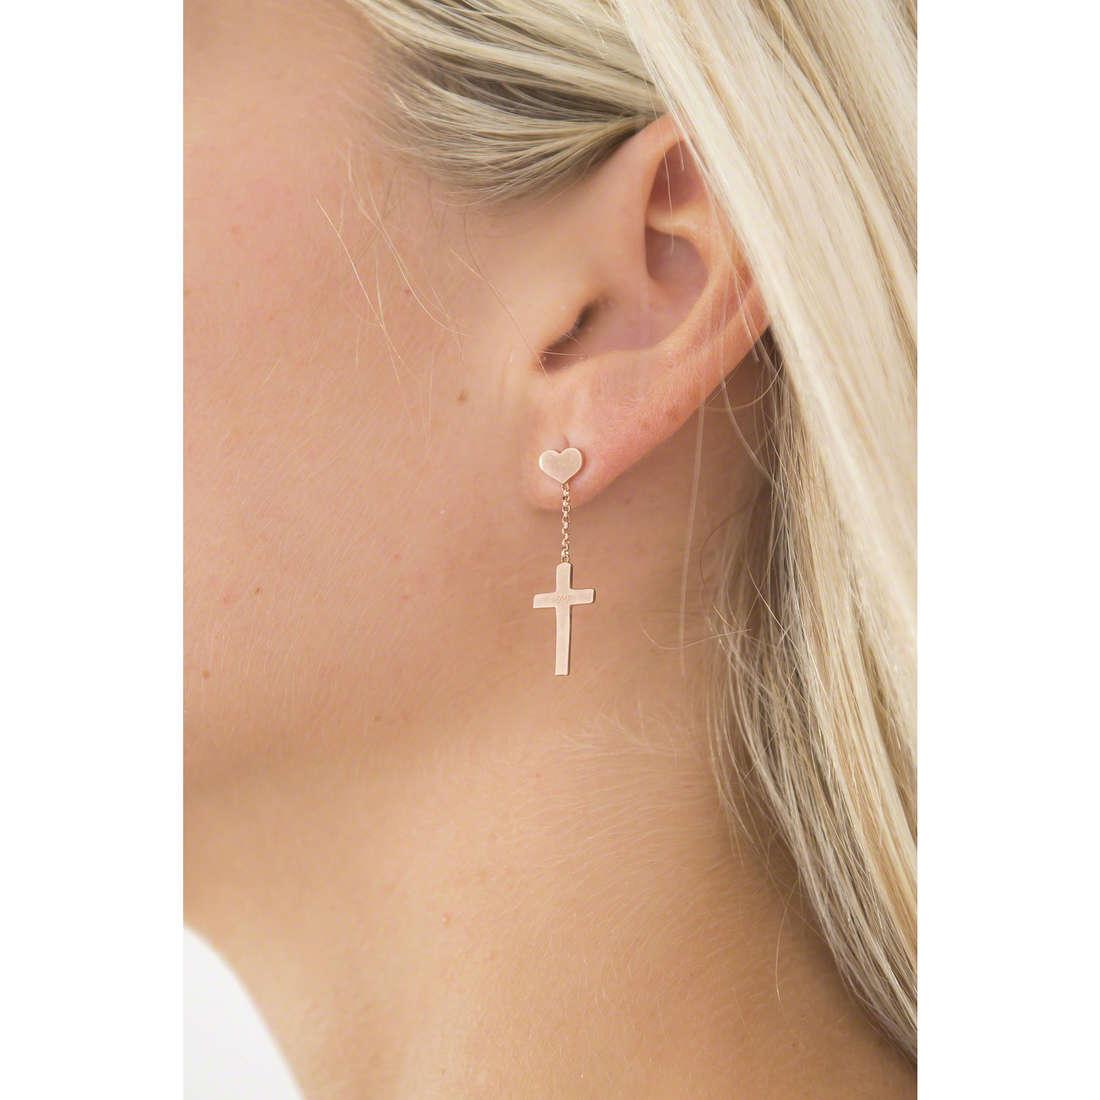 Amen orecchini donna ORCHR indosso